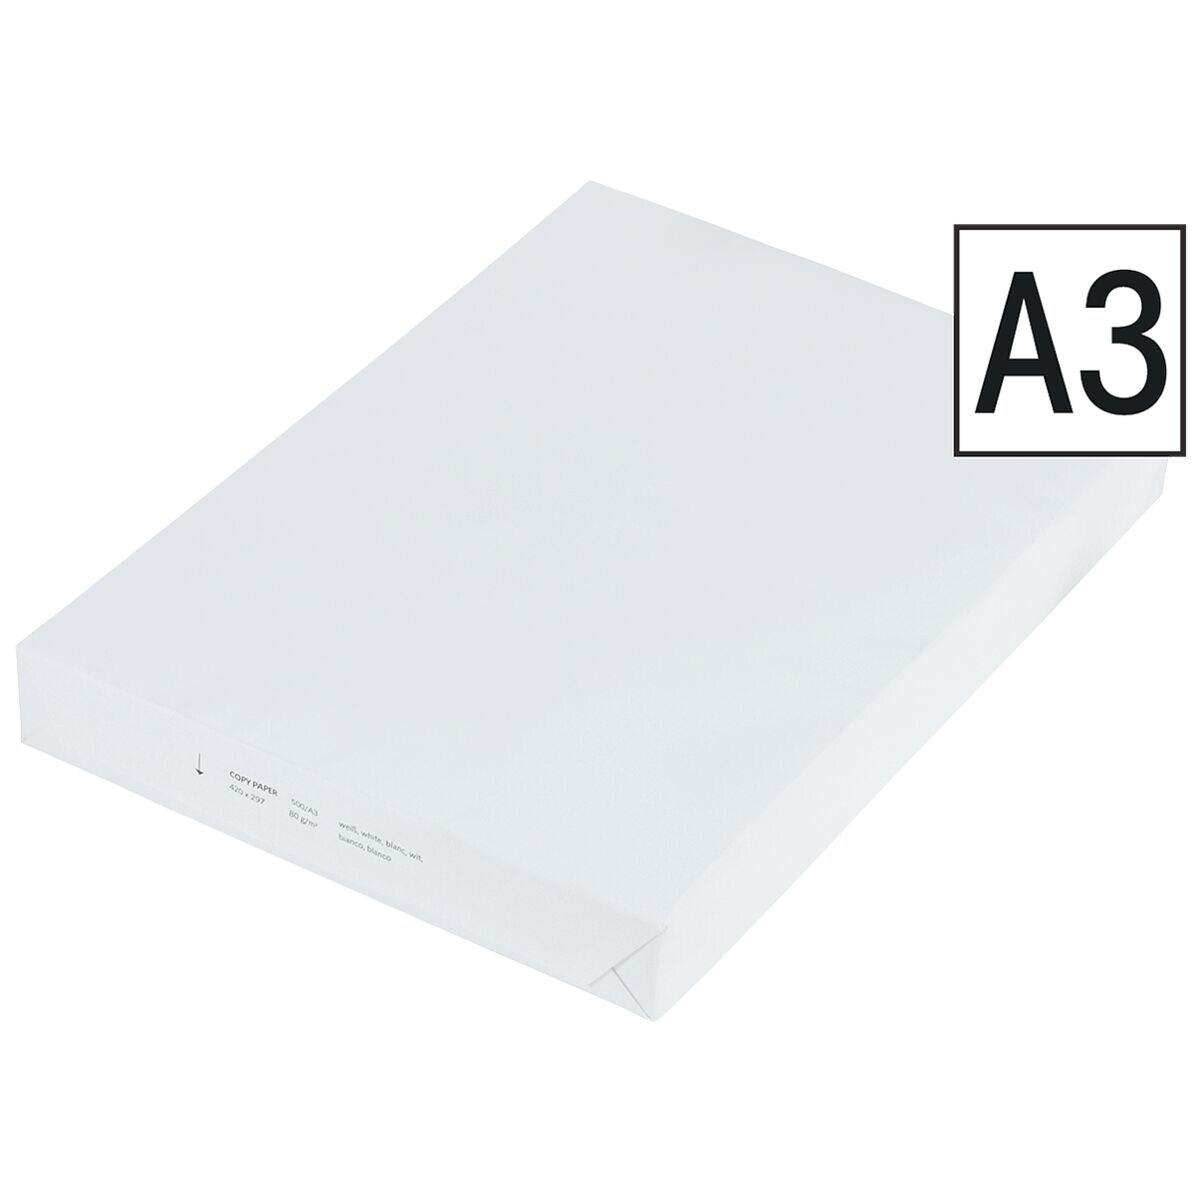 Kopierpapier A3 - 500 Blatt gesamt, 80 g/m²